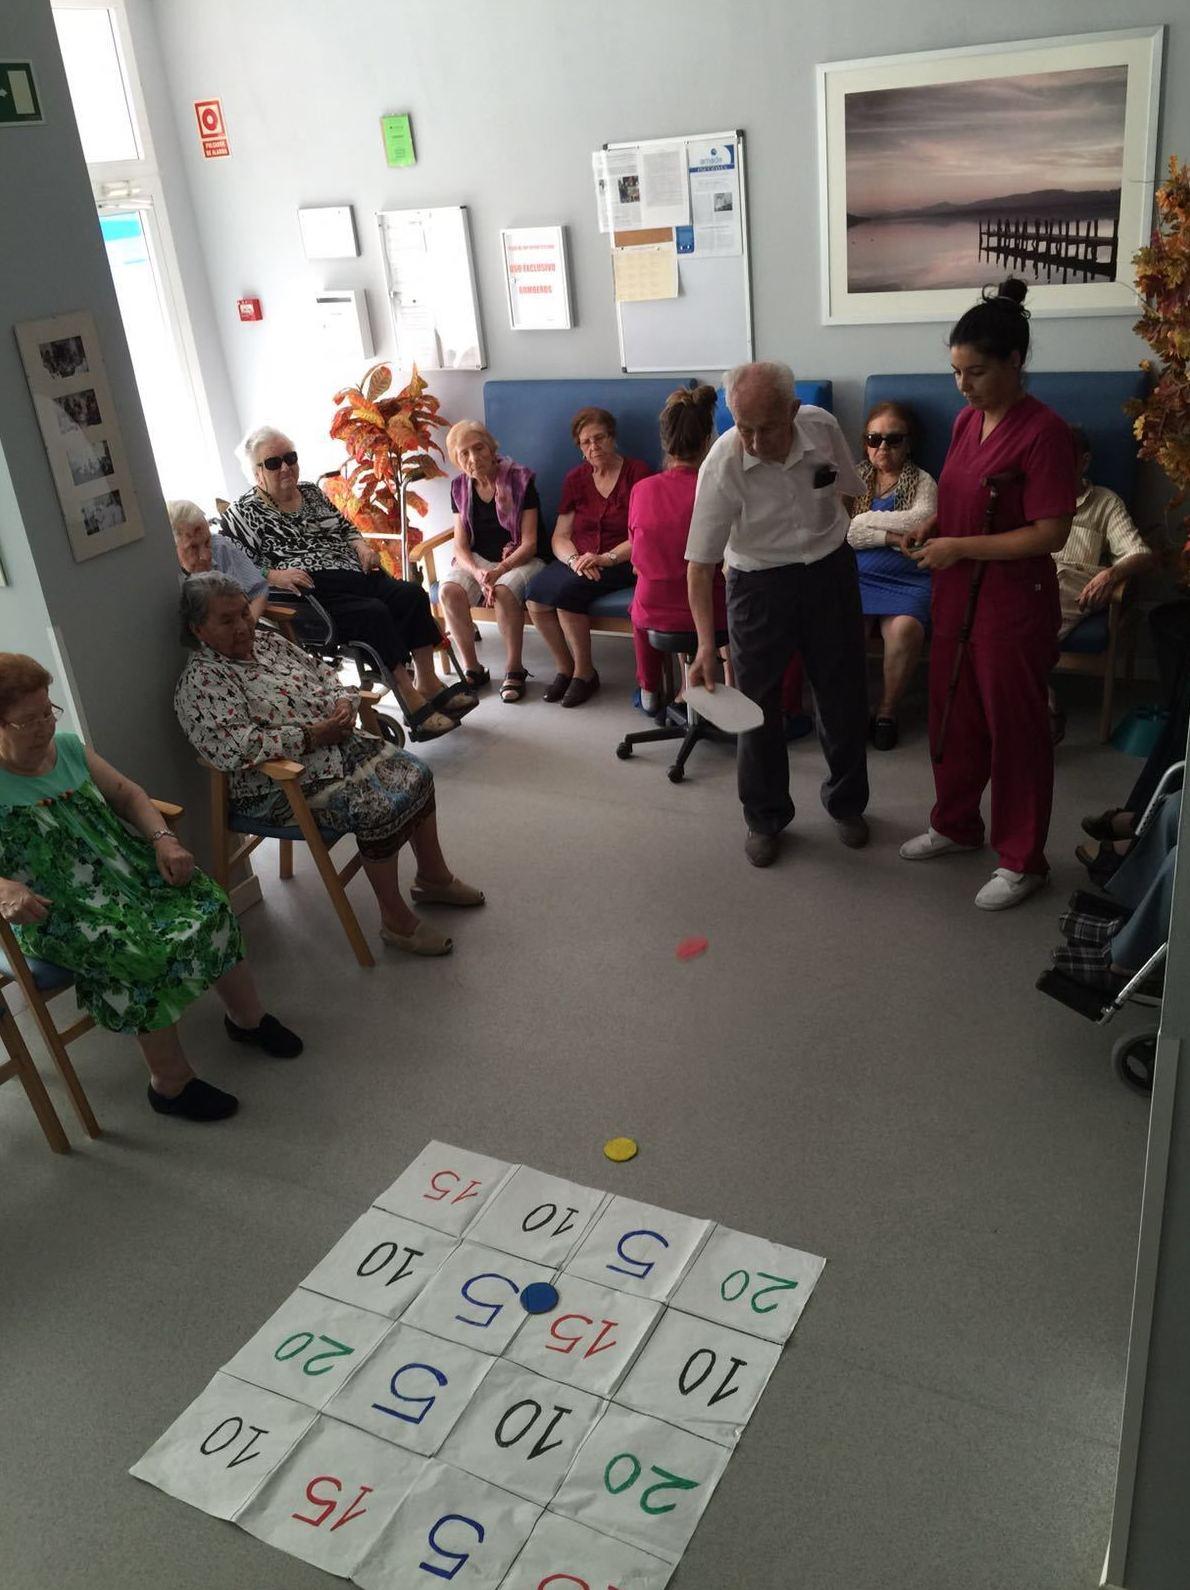 Foto 36 de Centros de día en Madrid | Centro de Día para Mayores Doctor Espina